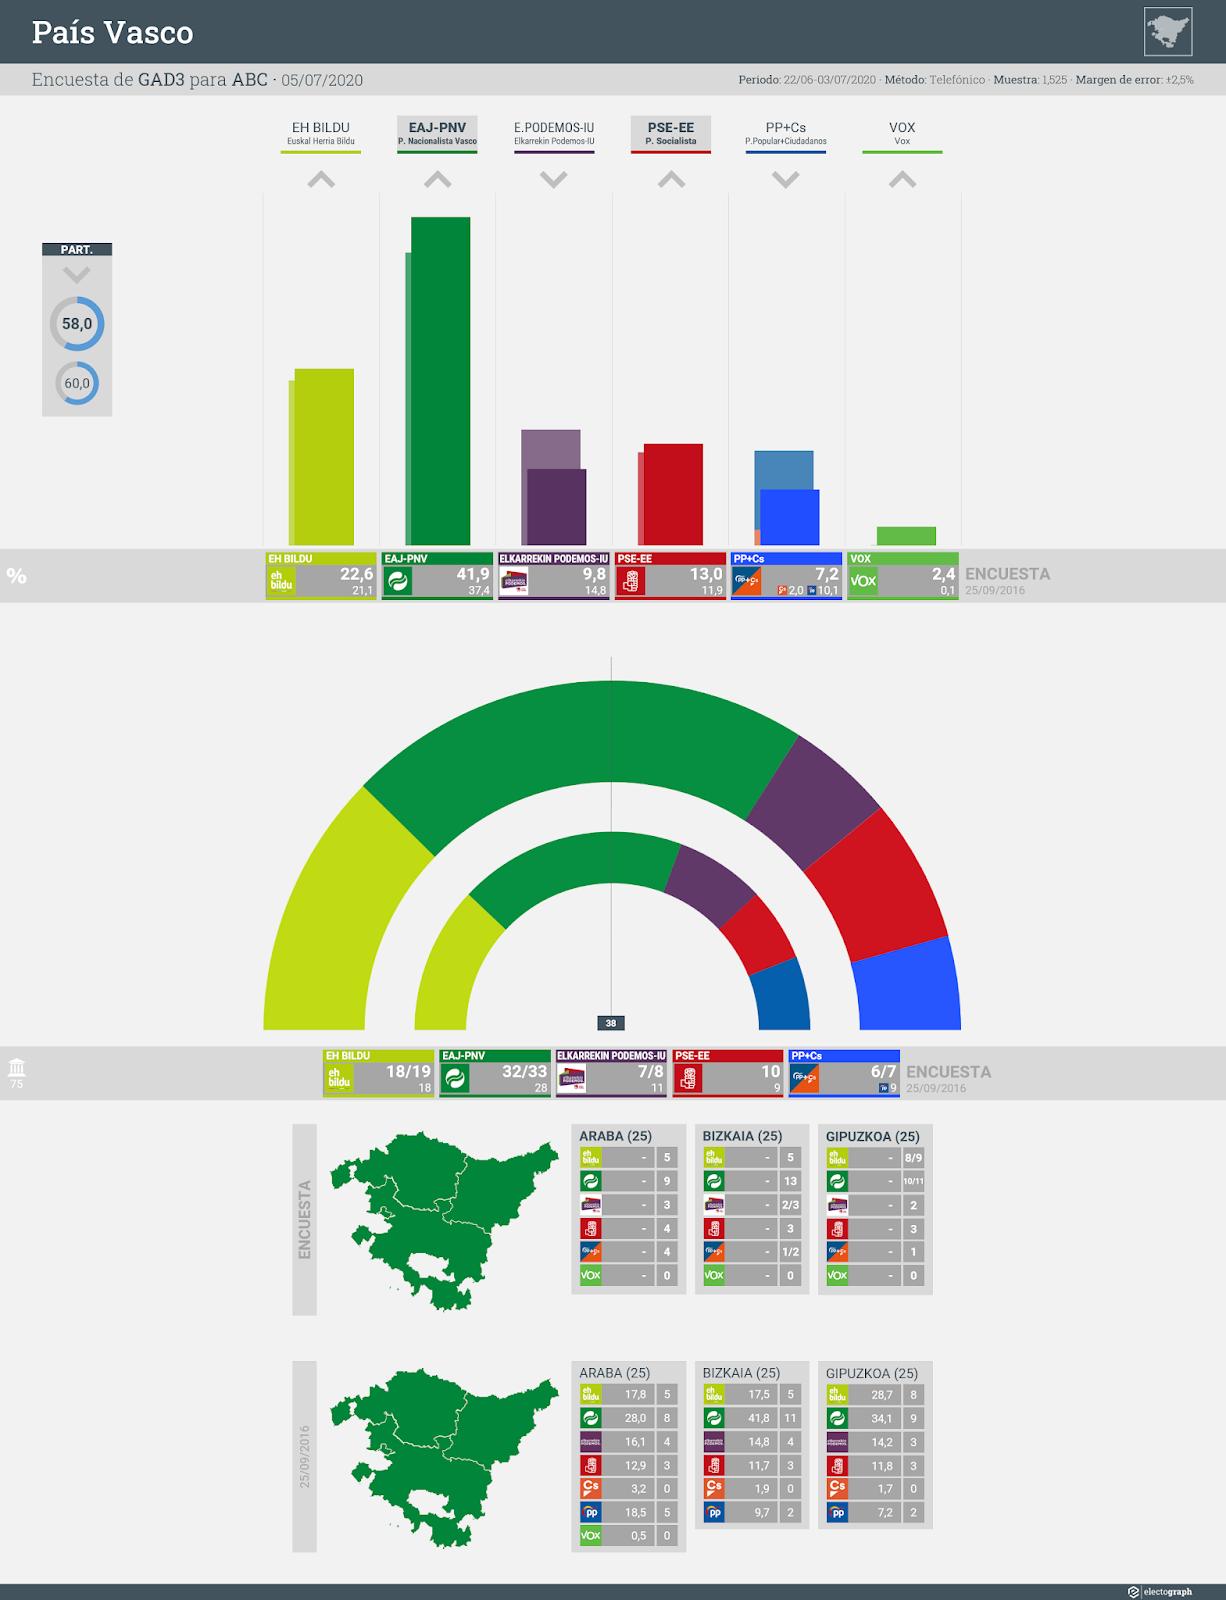 Gráfico de la encuesta para elecciones autonómicas en el País Vasco realizada por GAD3 para ABC, 5 de julio de 2020